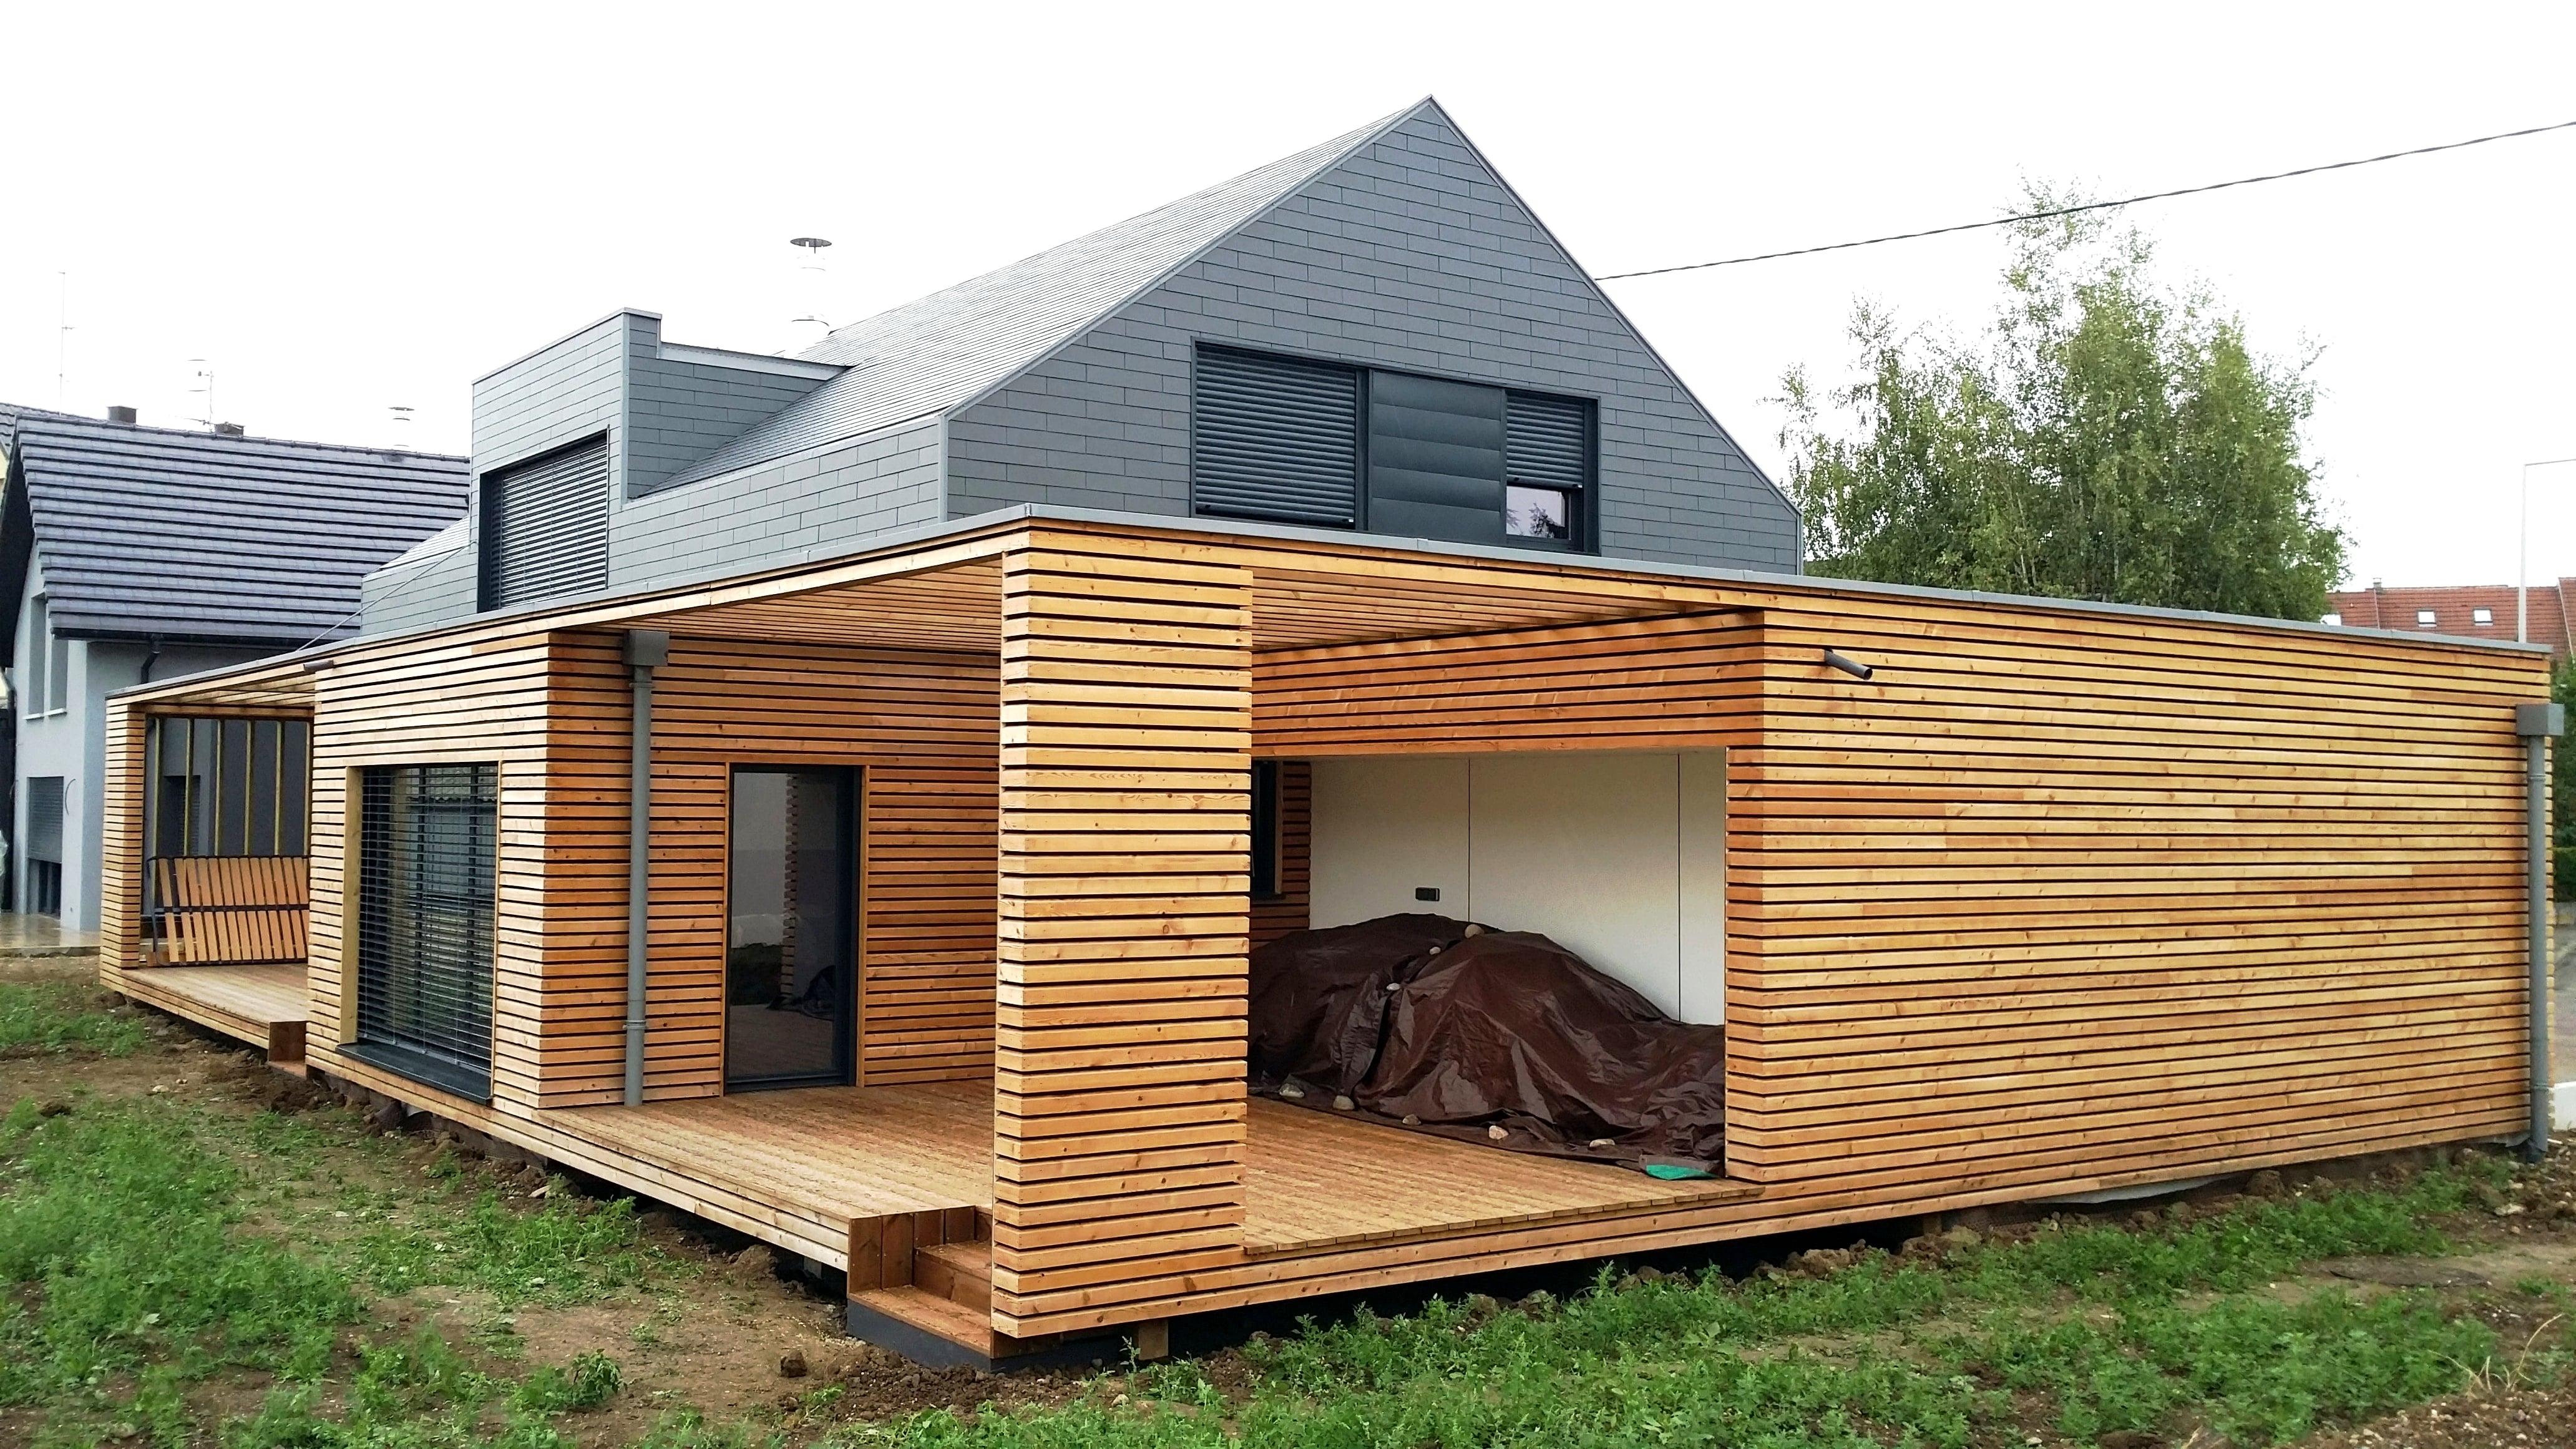 entretien maison en bois maison en bois entretien maison moderne entretien maison ossature. Black Bedroom Furniture Sets. Home Design Ideas